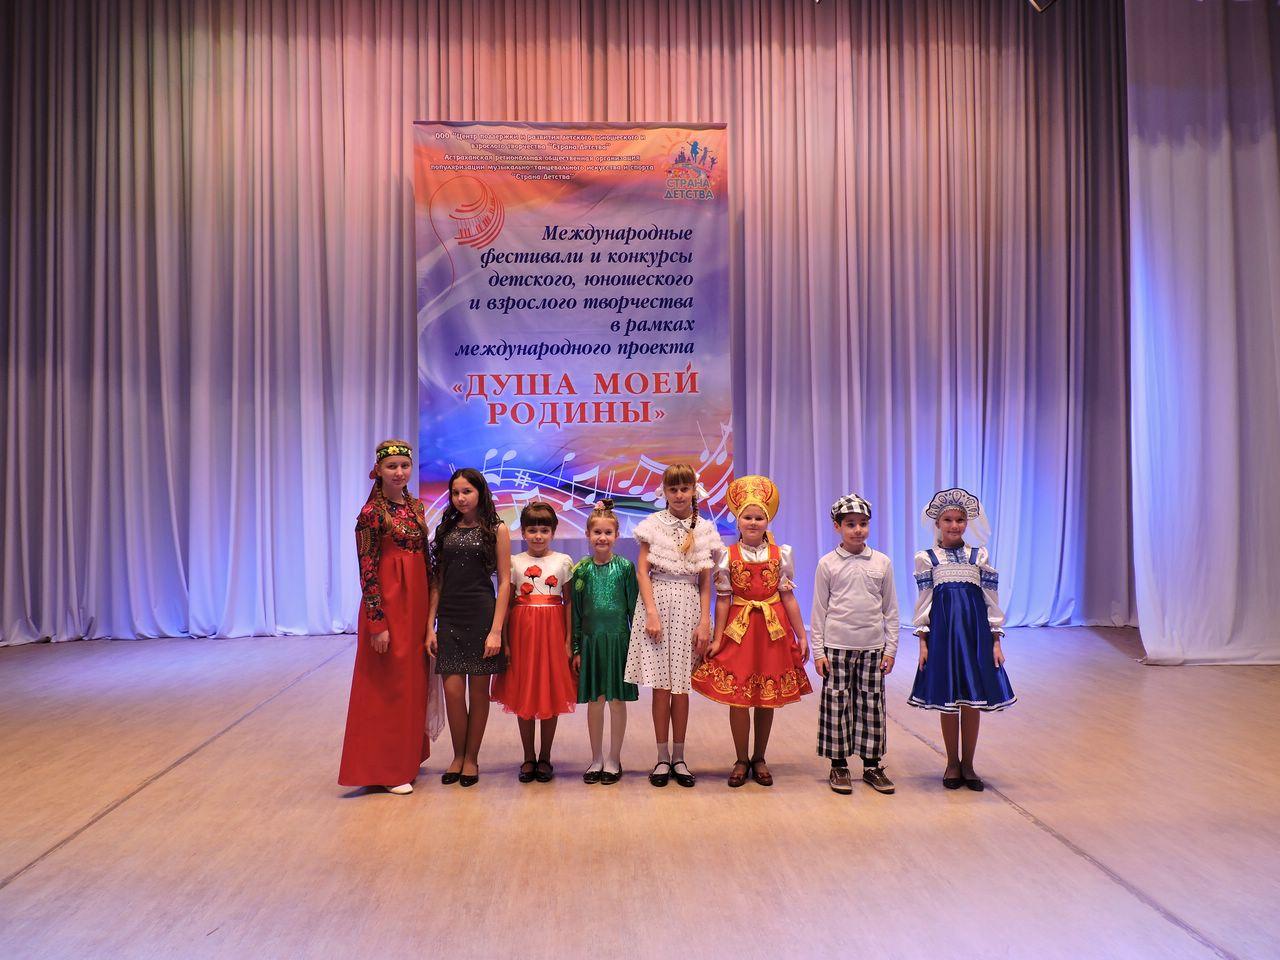 Международный конкурс для всех возрастов